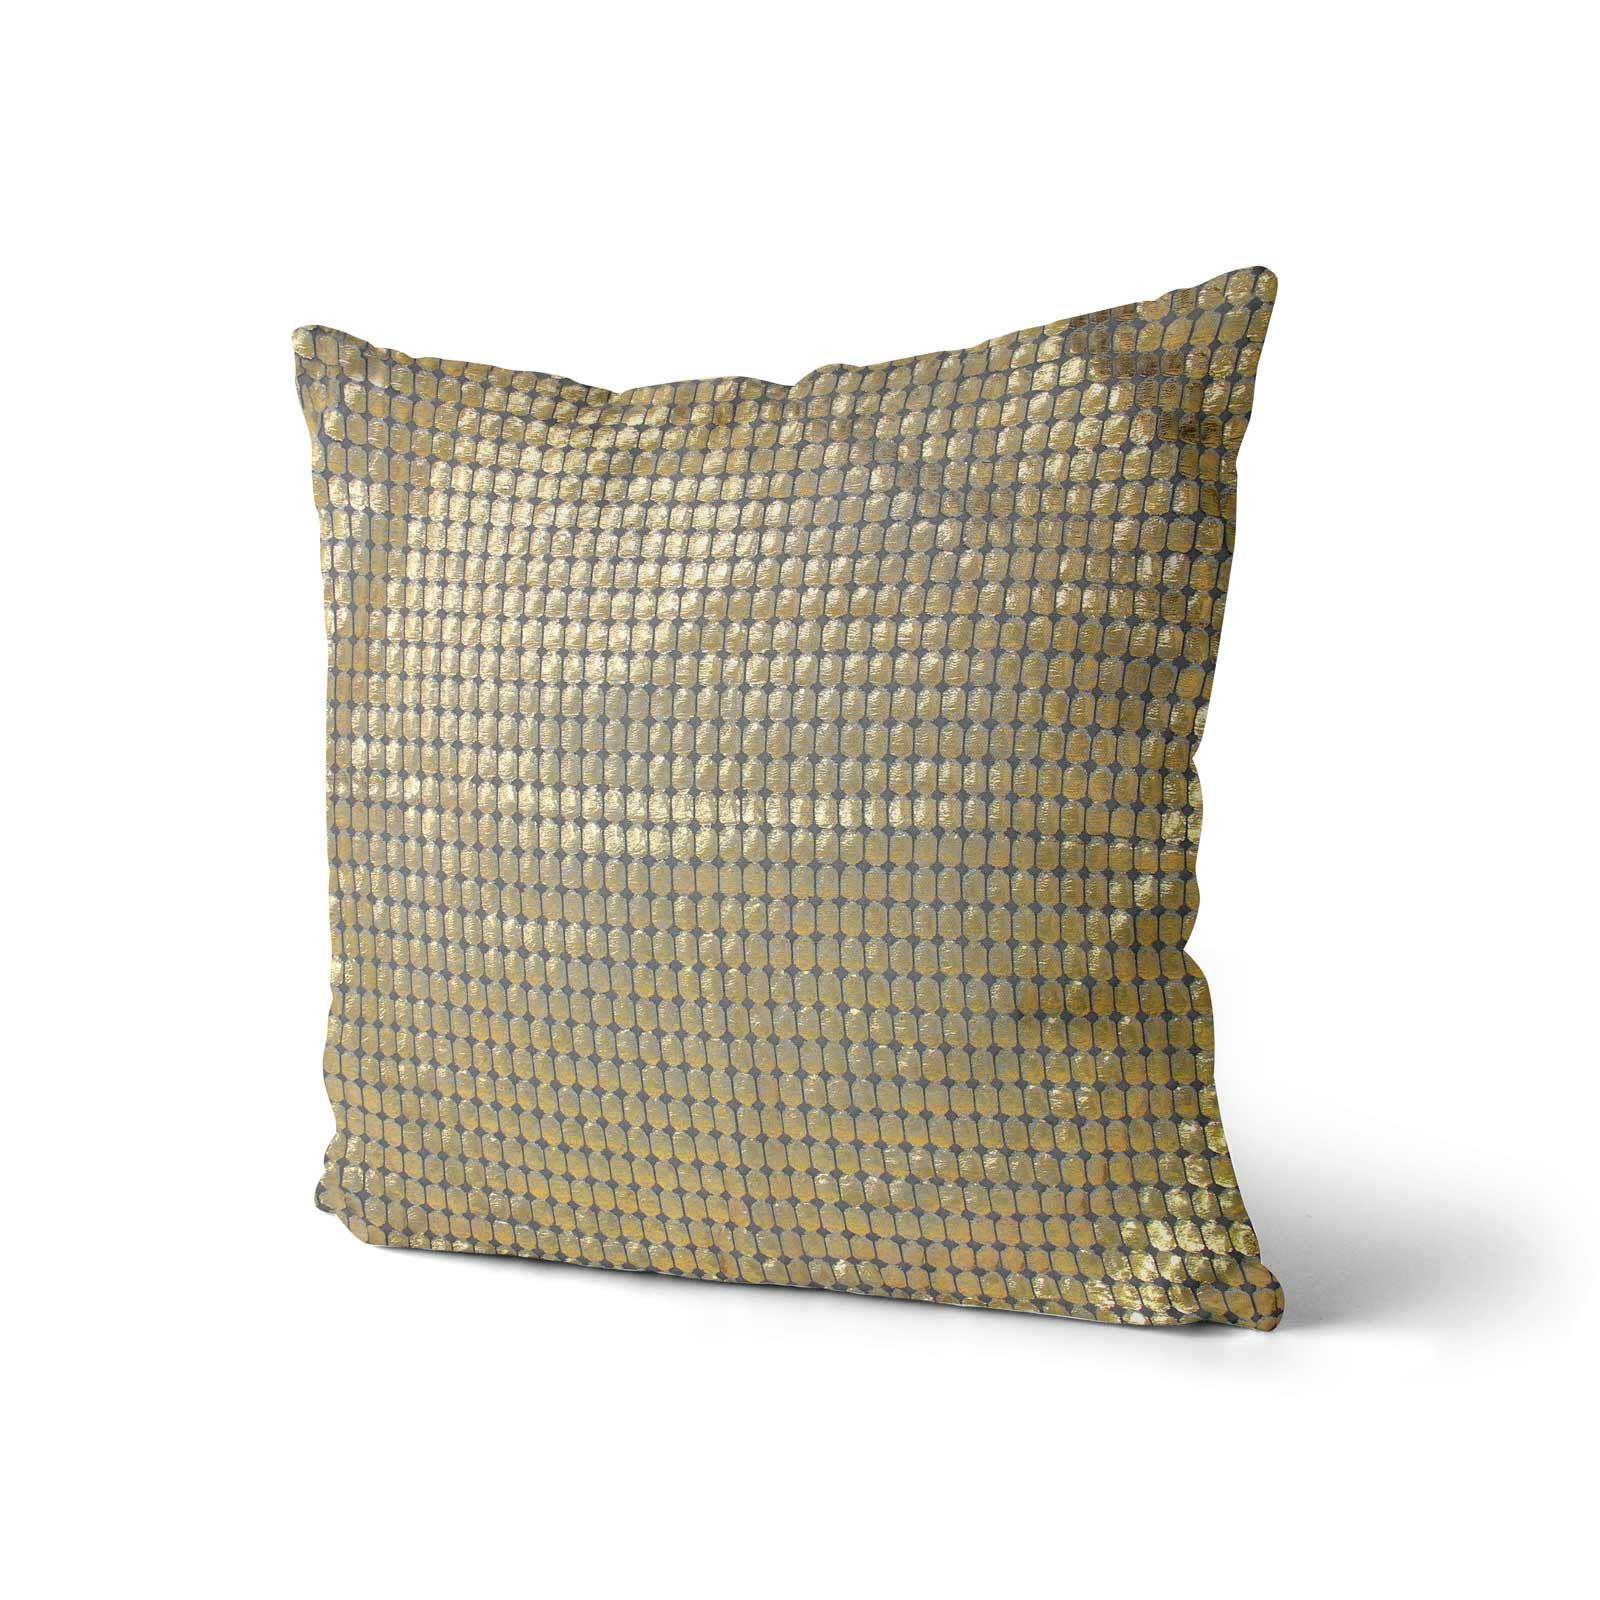 Impresion-de-lamina-metalica-Moderno-Funda-De-Cojin-Almohadon-cubiertas-de-cojines-18-034-X-18-034 miniatura 11